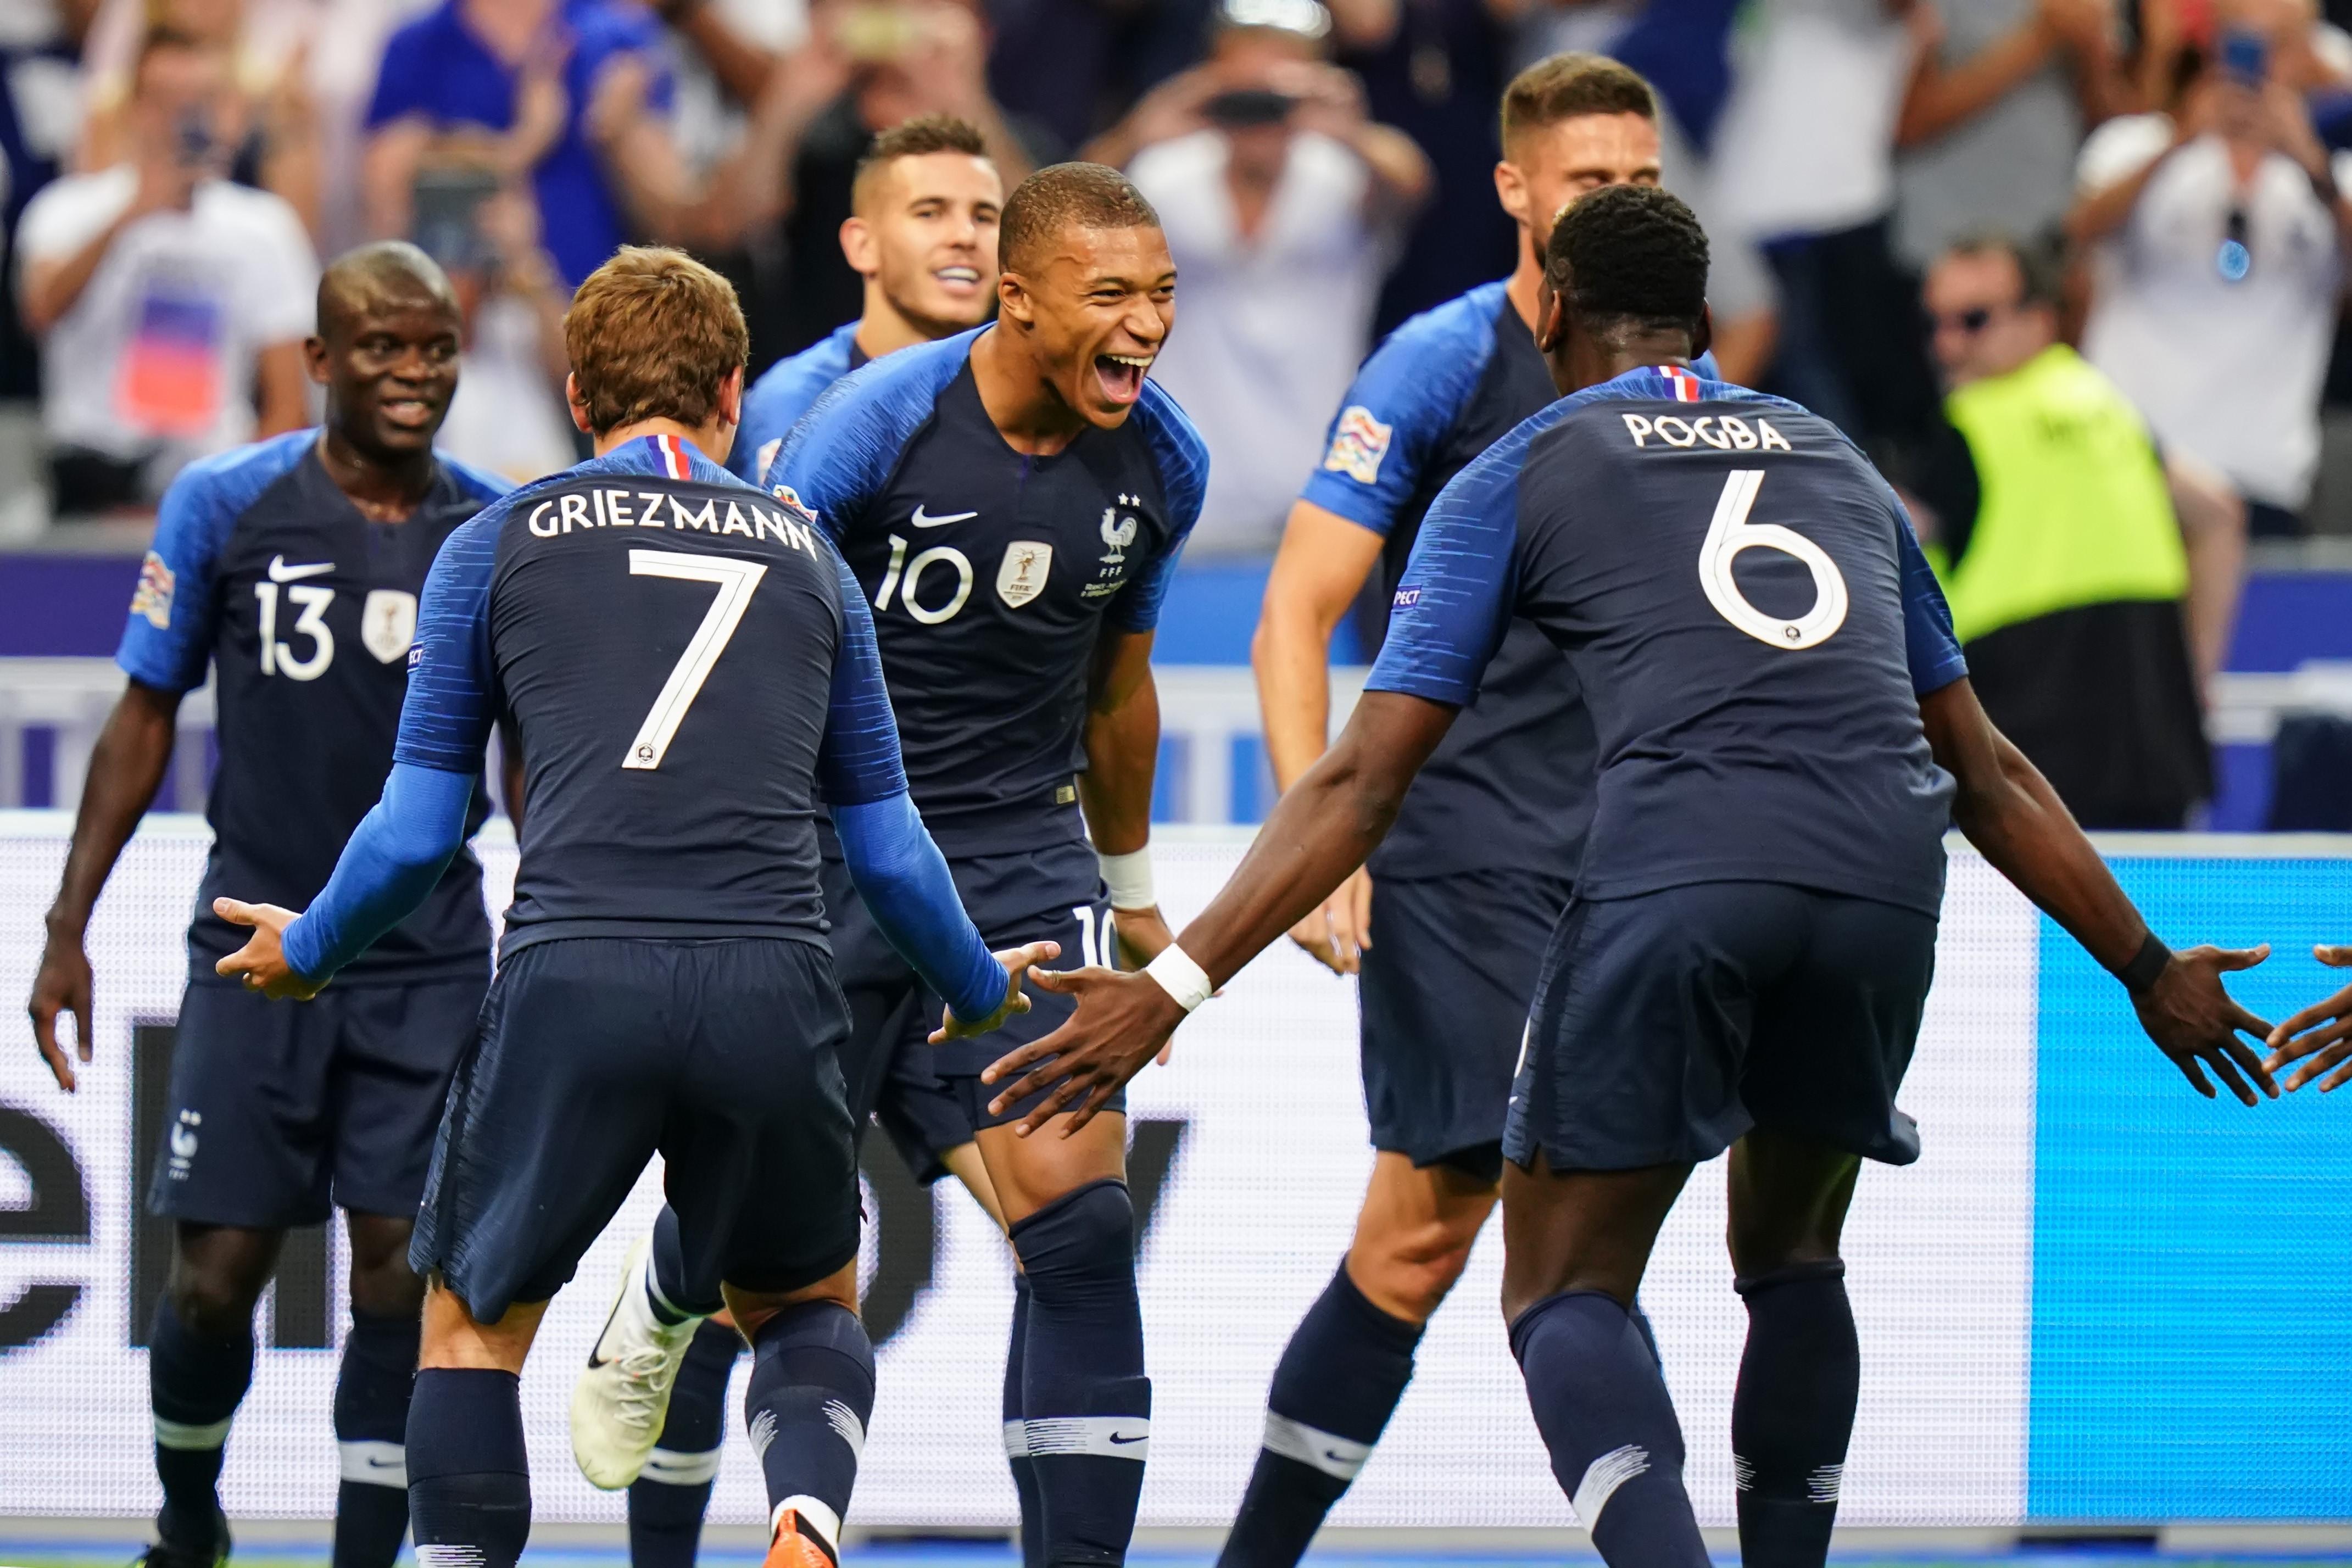 Antoine Griezmann, Kylian Mbappé et Paul Pogba lors de France - Pays-Bas en Ligue des nations